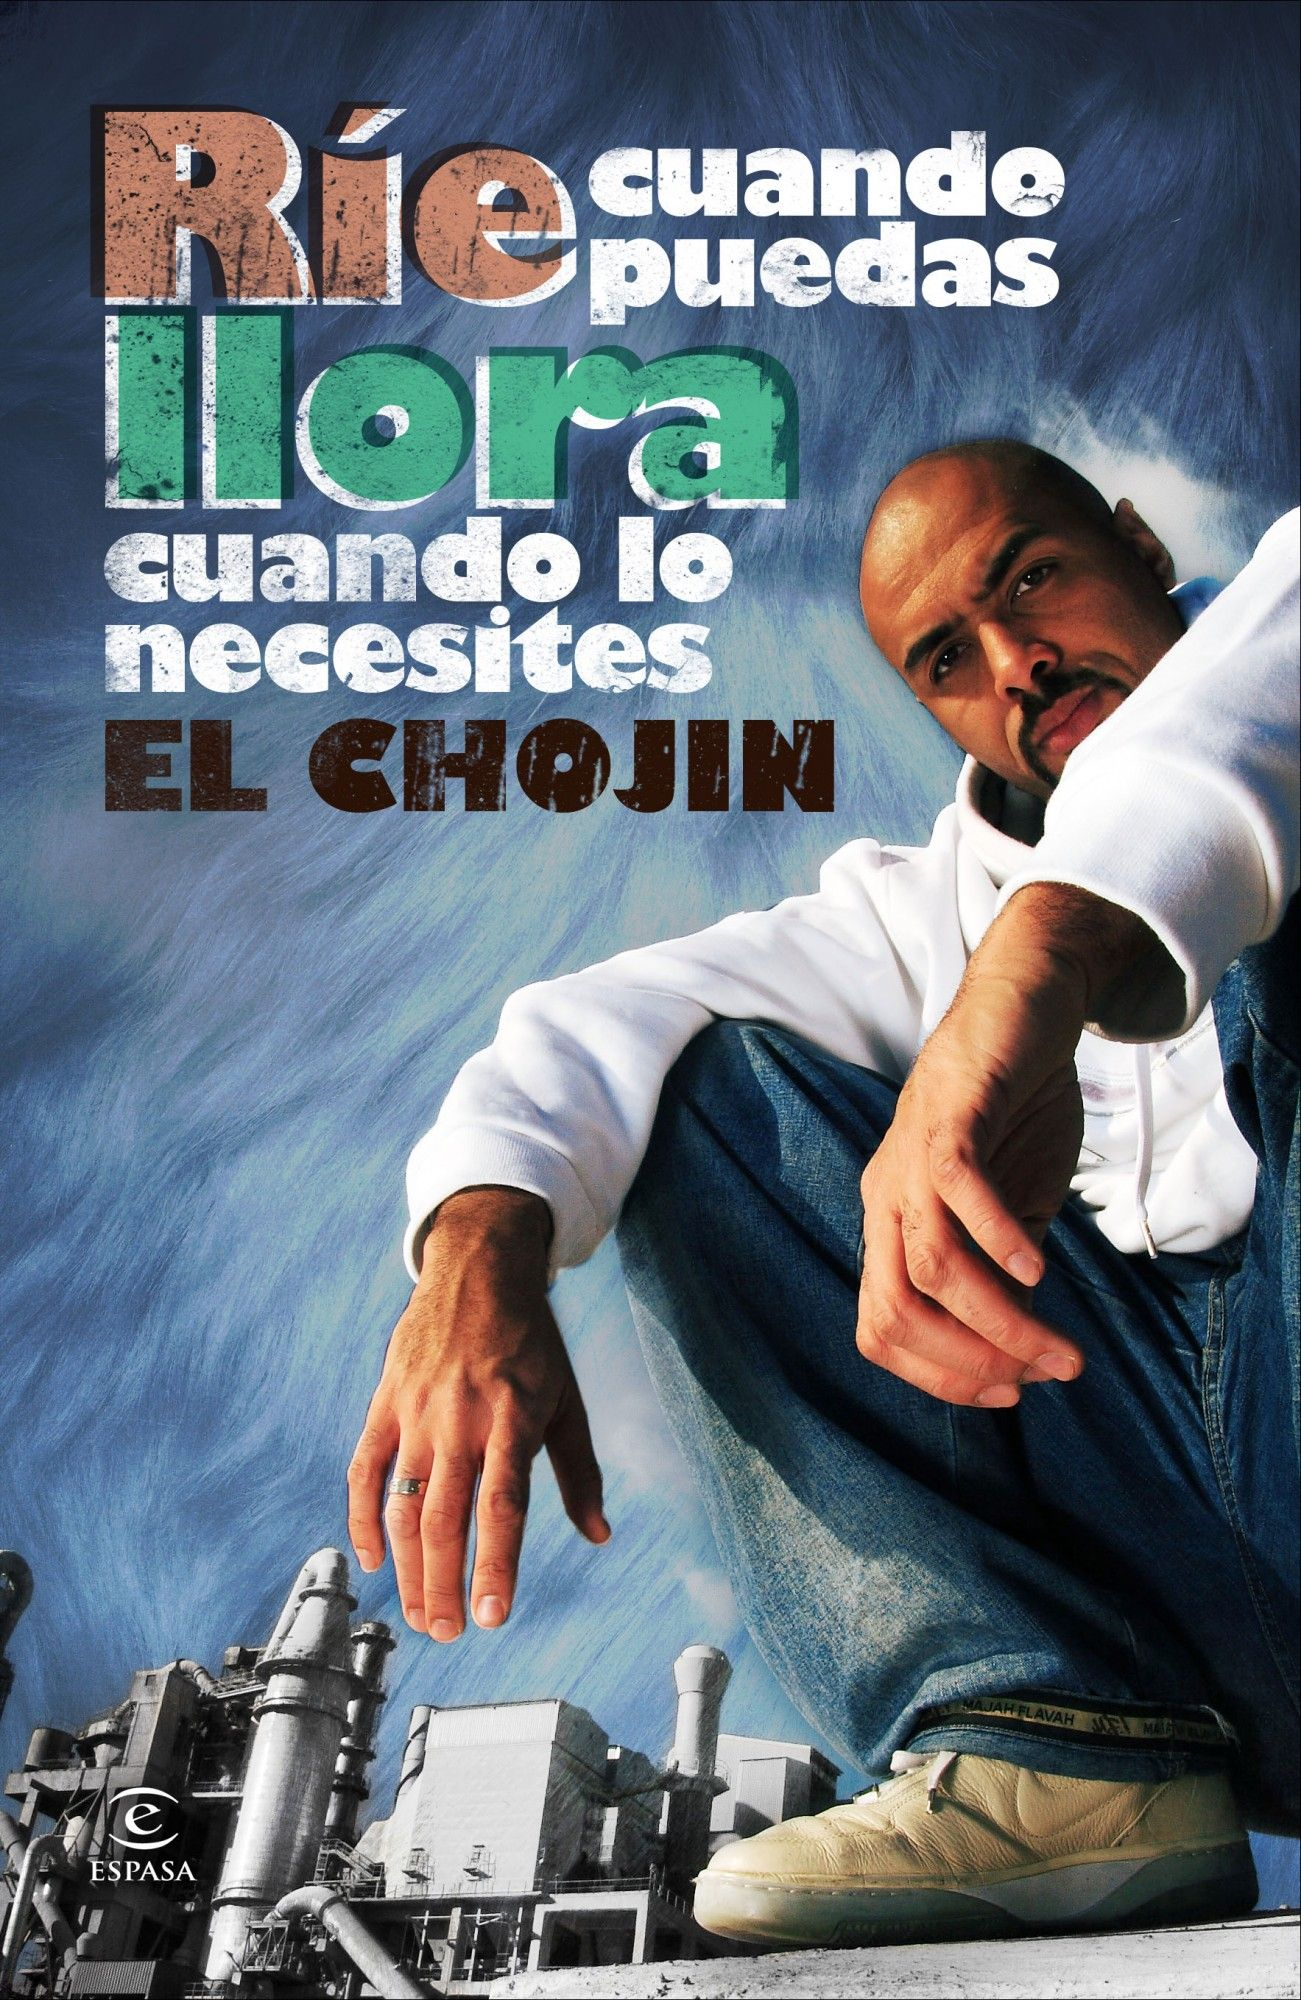 Rie Cuando Puedas Llora Cuando Lo Necesites El Chojin Libro 2 Rap Hip Hop Fictional Characters